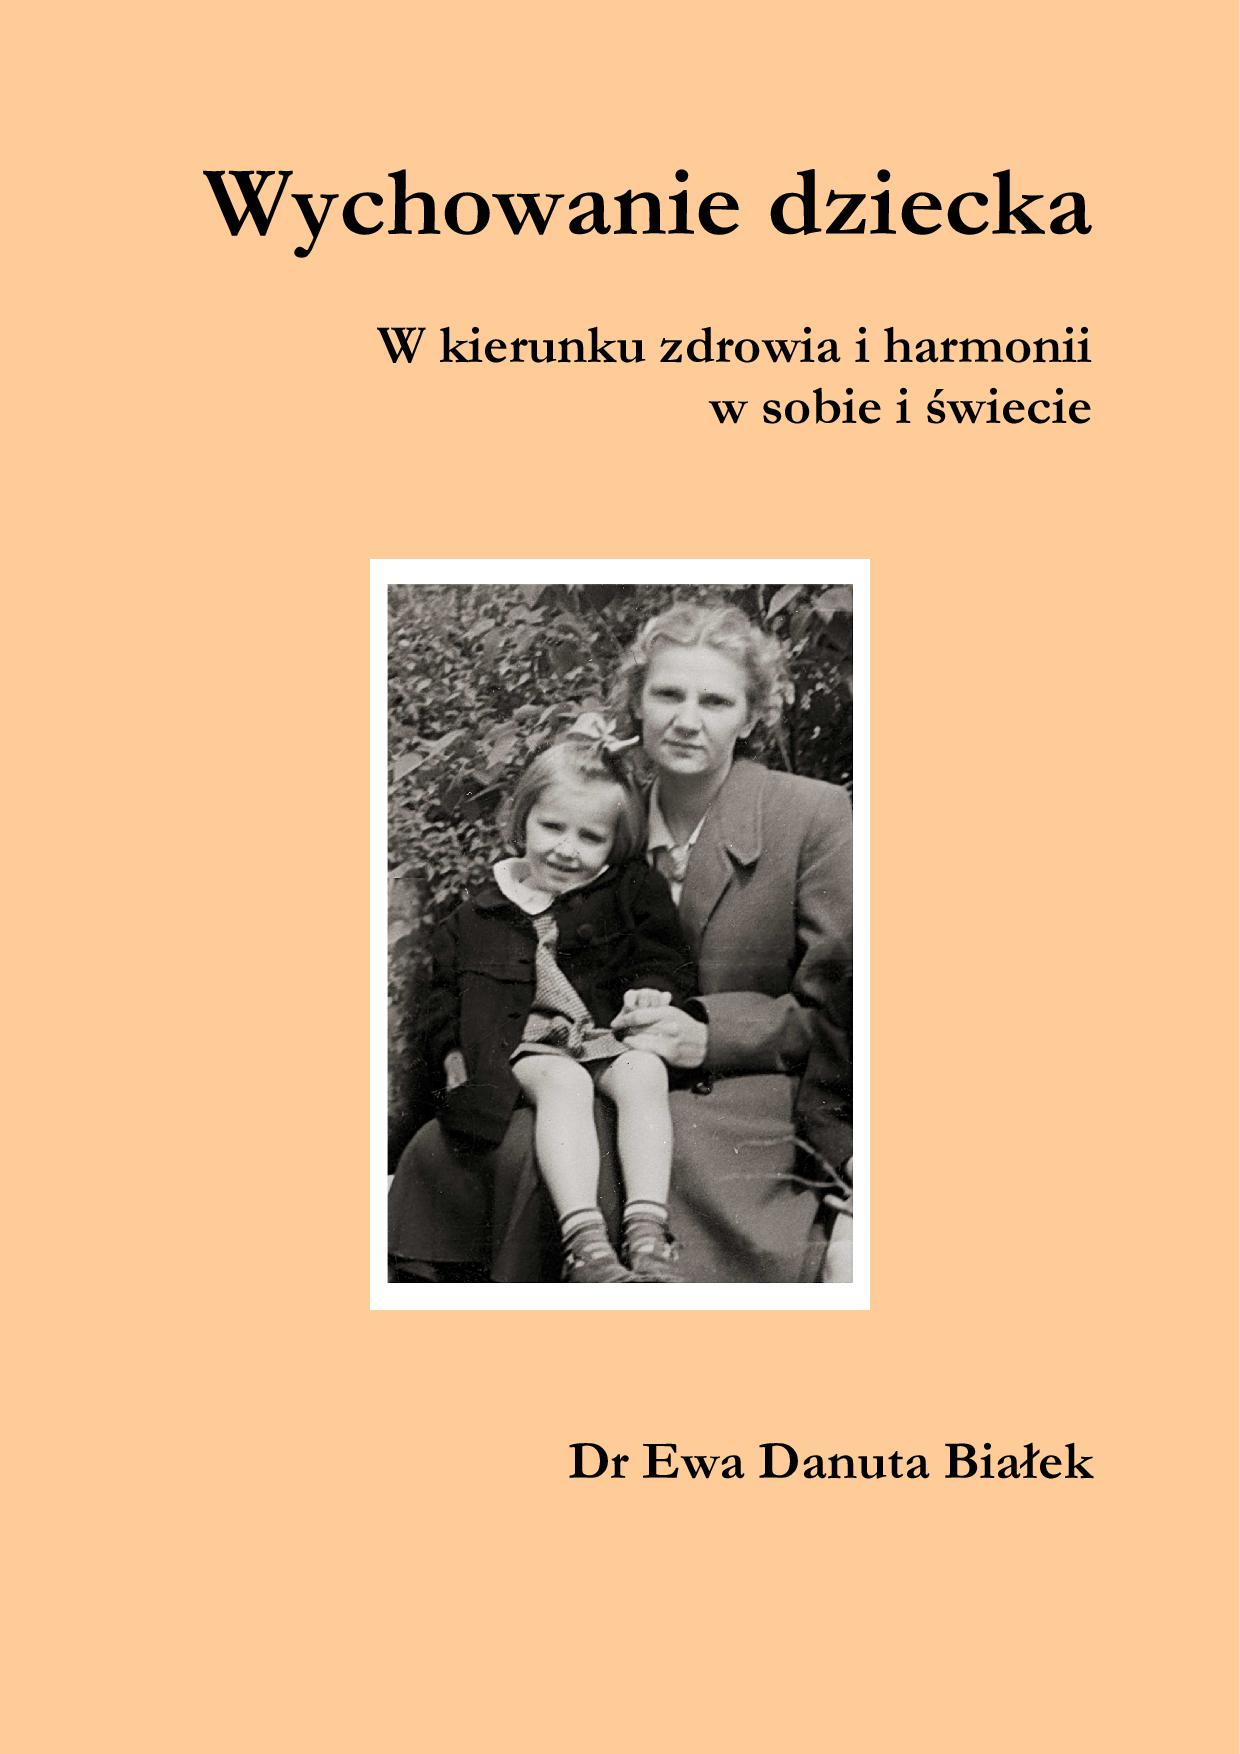 Zrównoważony rozwój dziecka